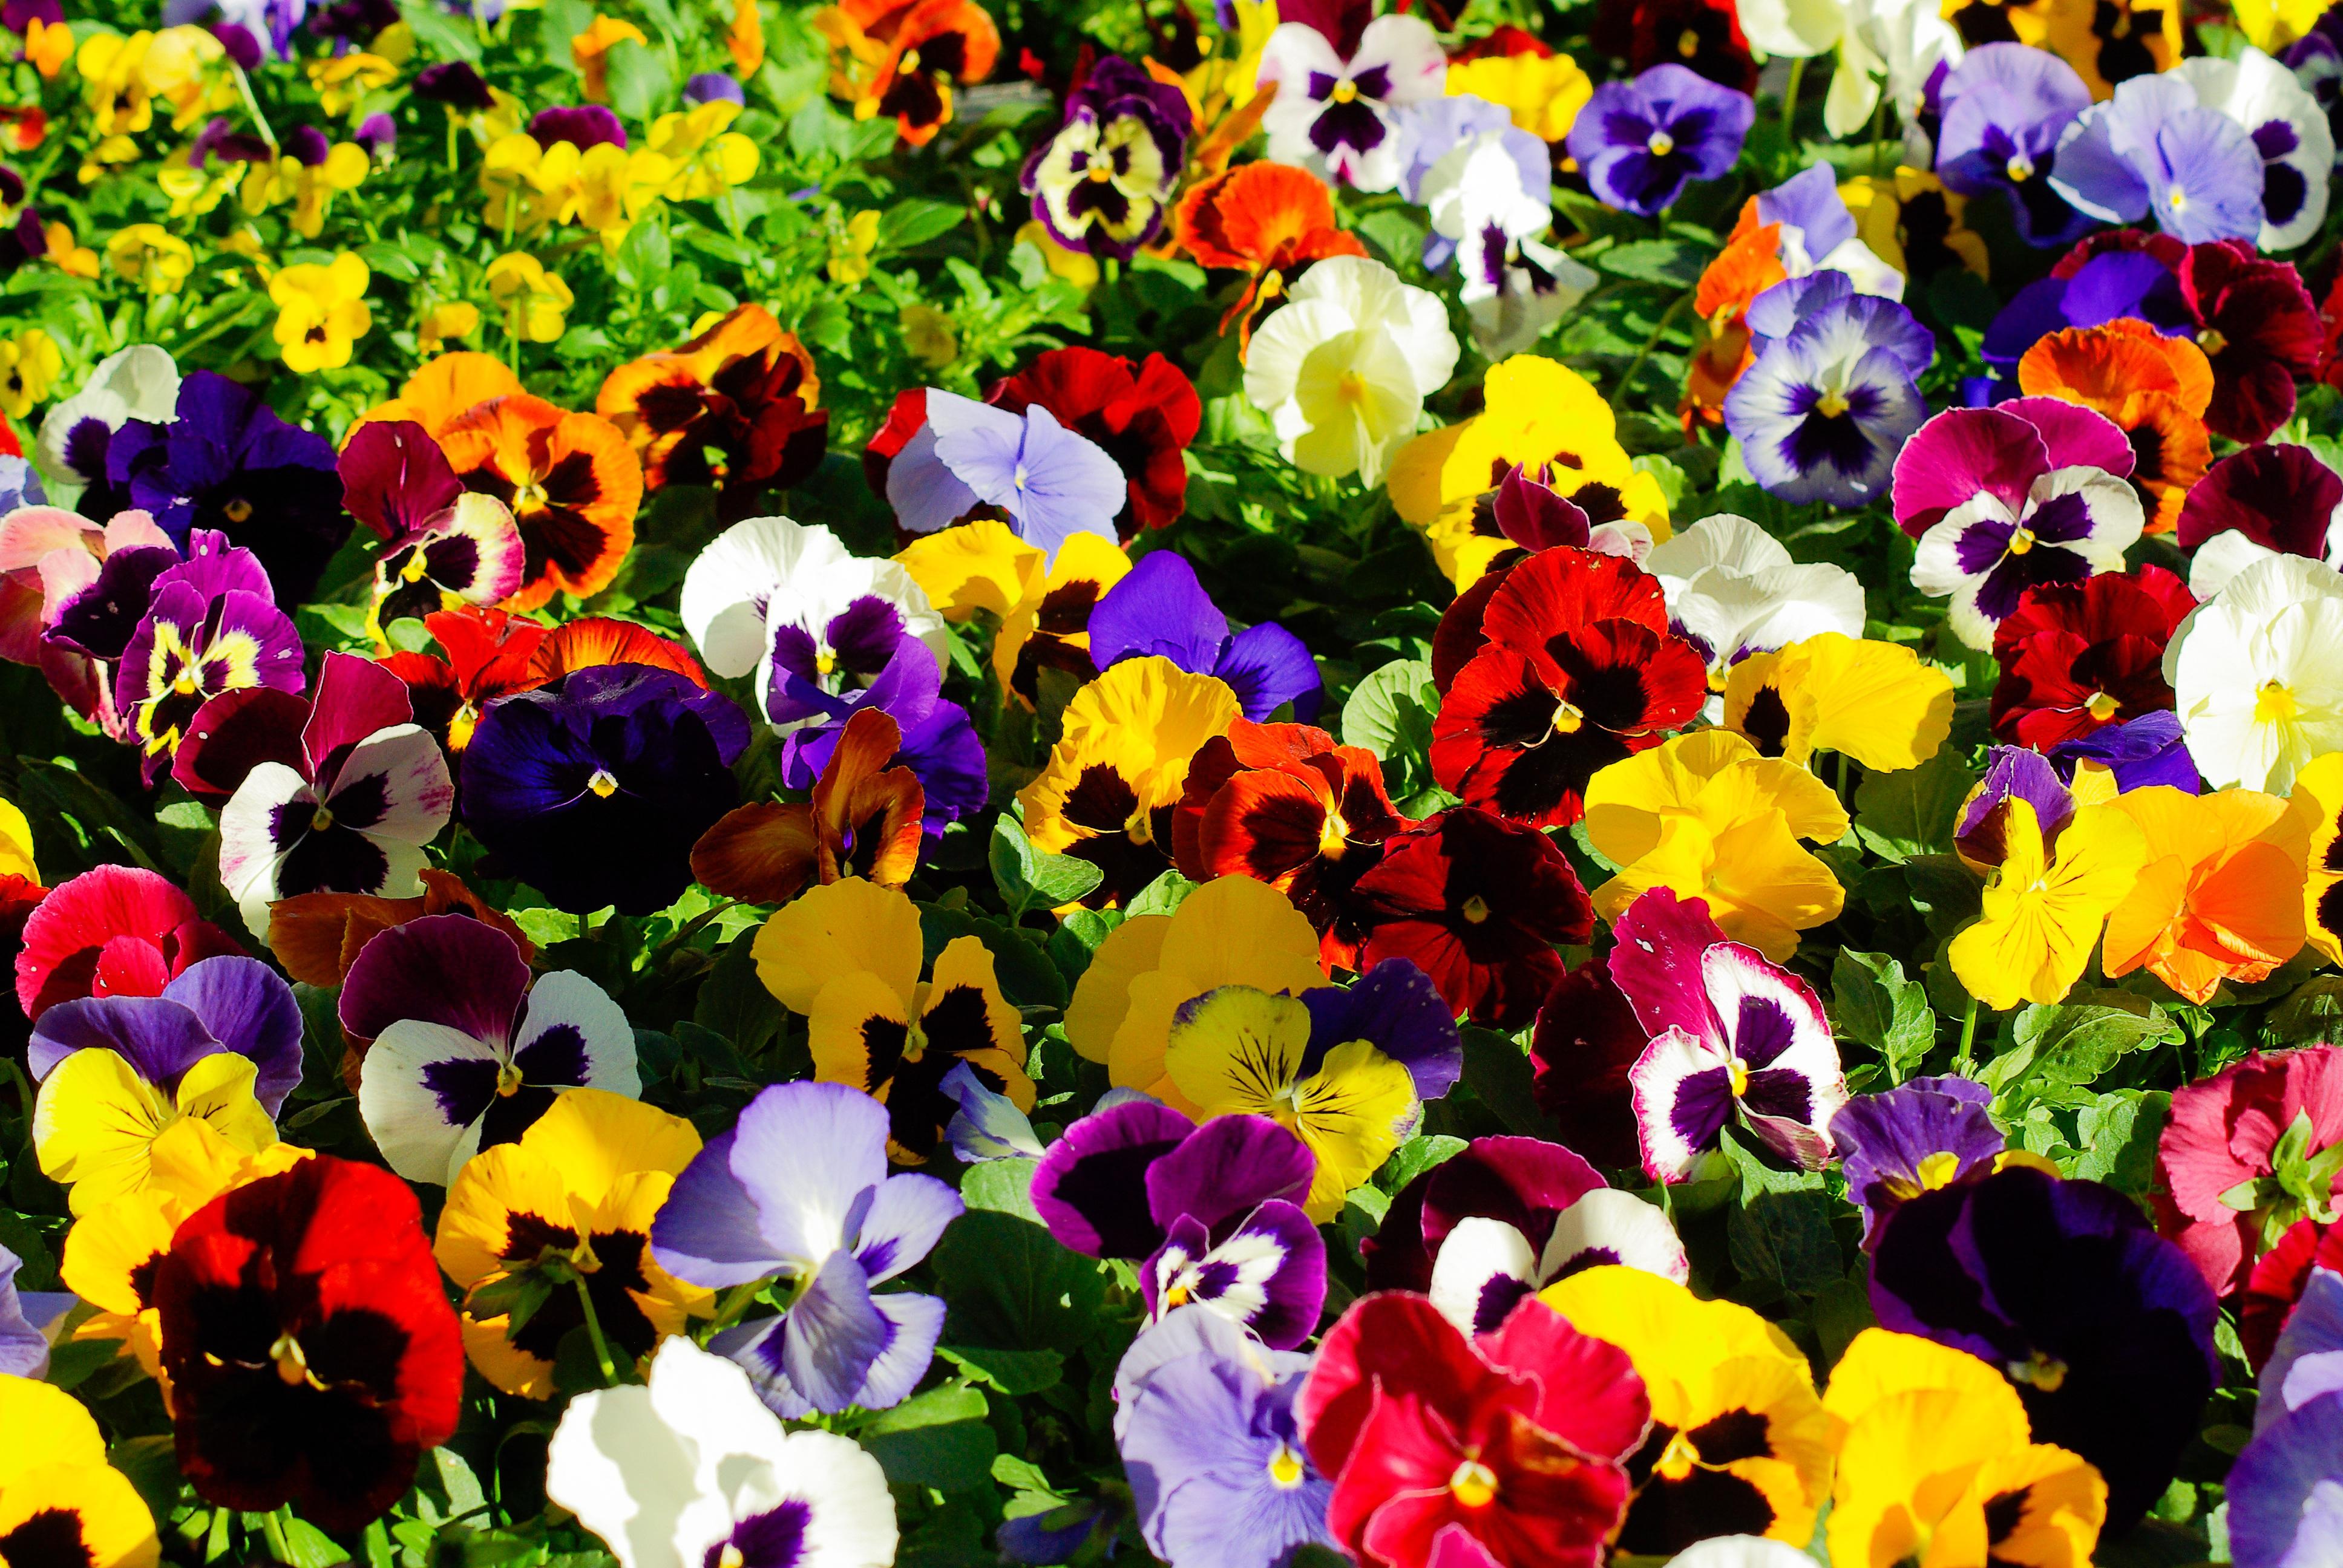 Exceptionnel Images Gratuites : fleur, pétale, Couleur, jaune, flore, Fleur  BT49